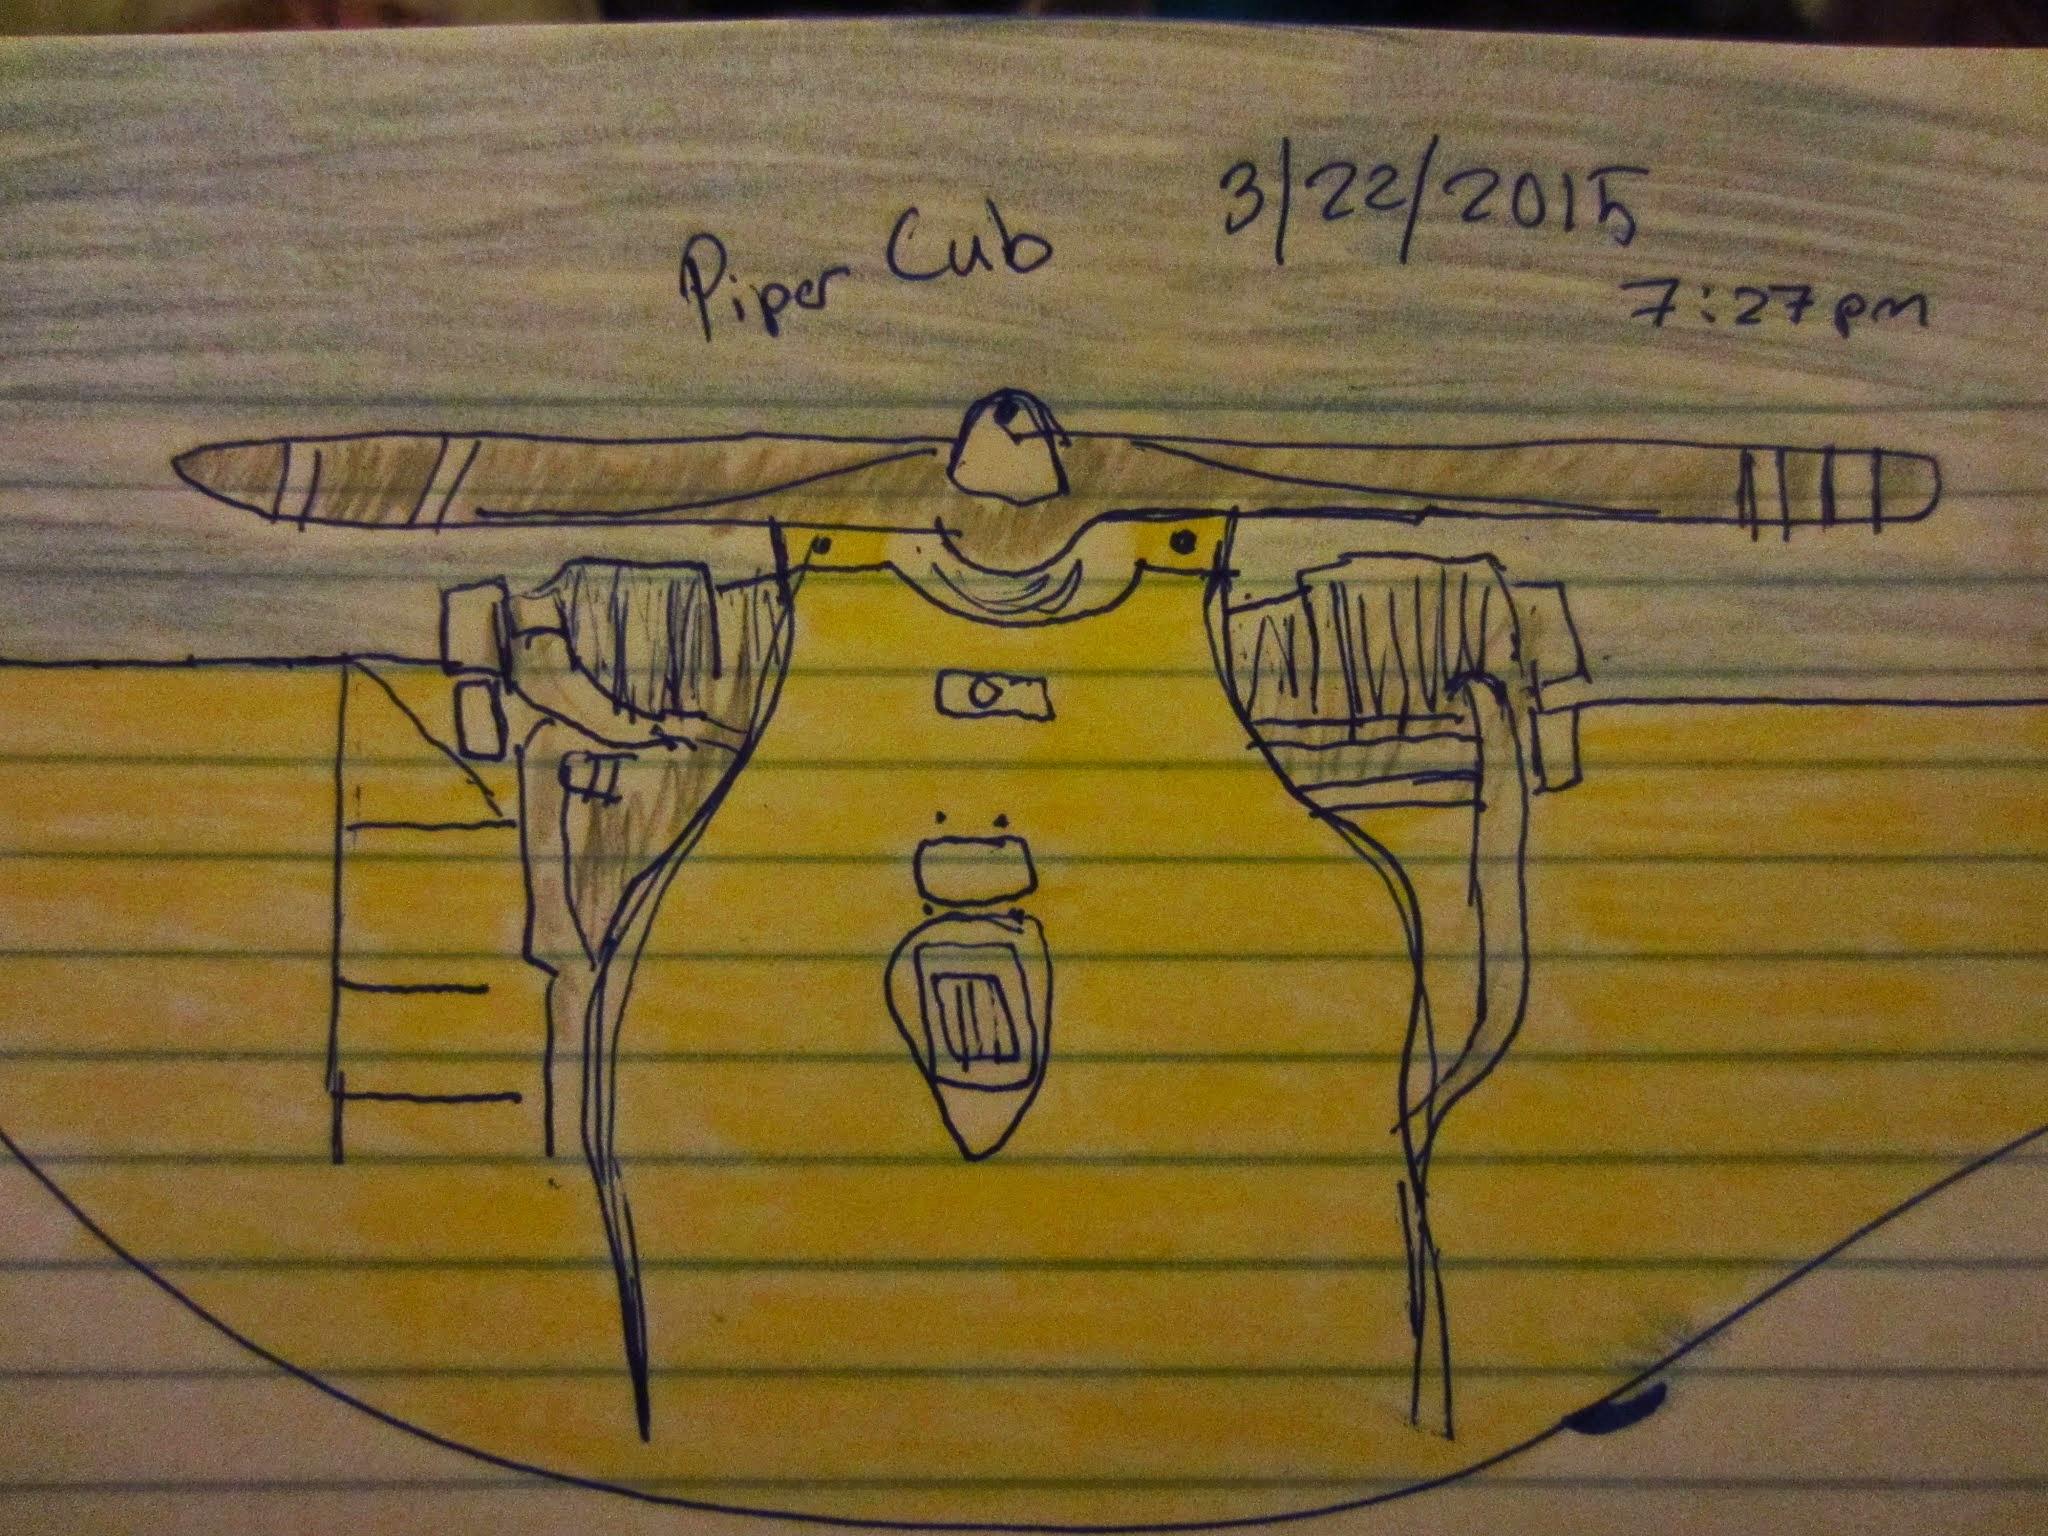 My sketch of a Piper Cub!